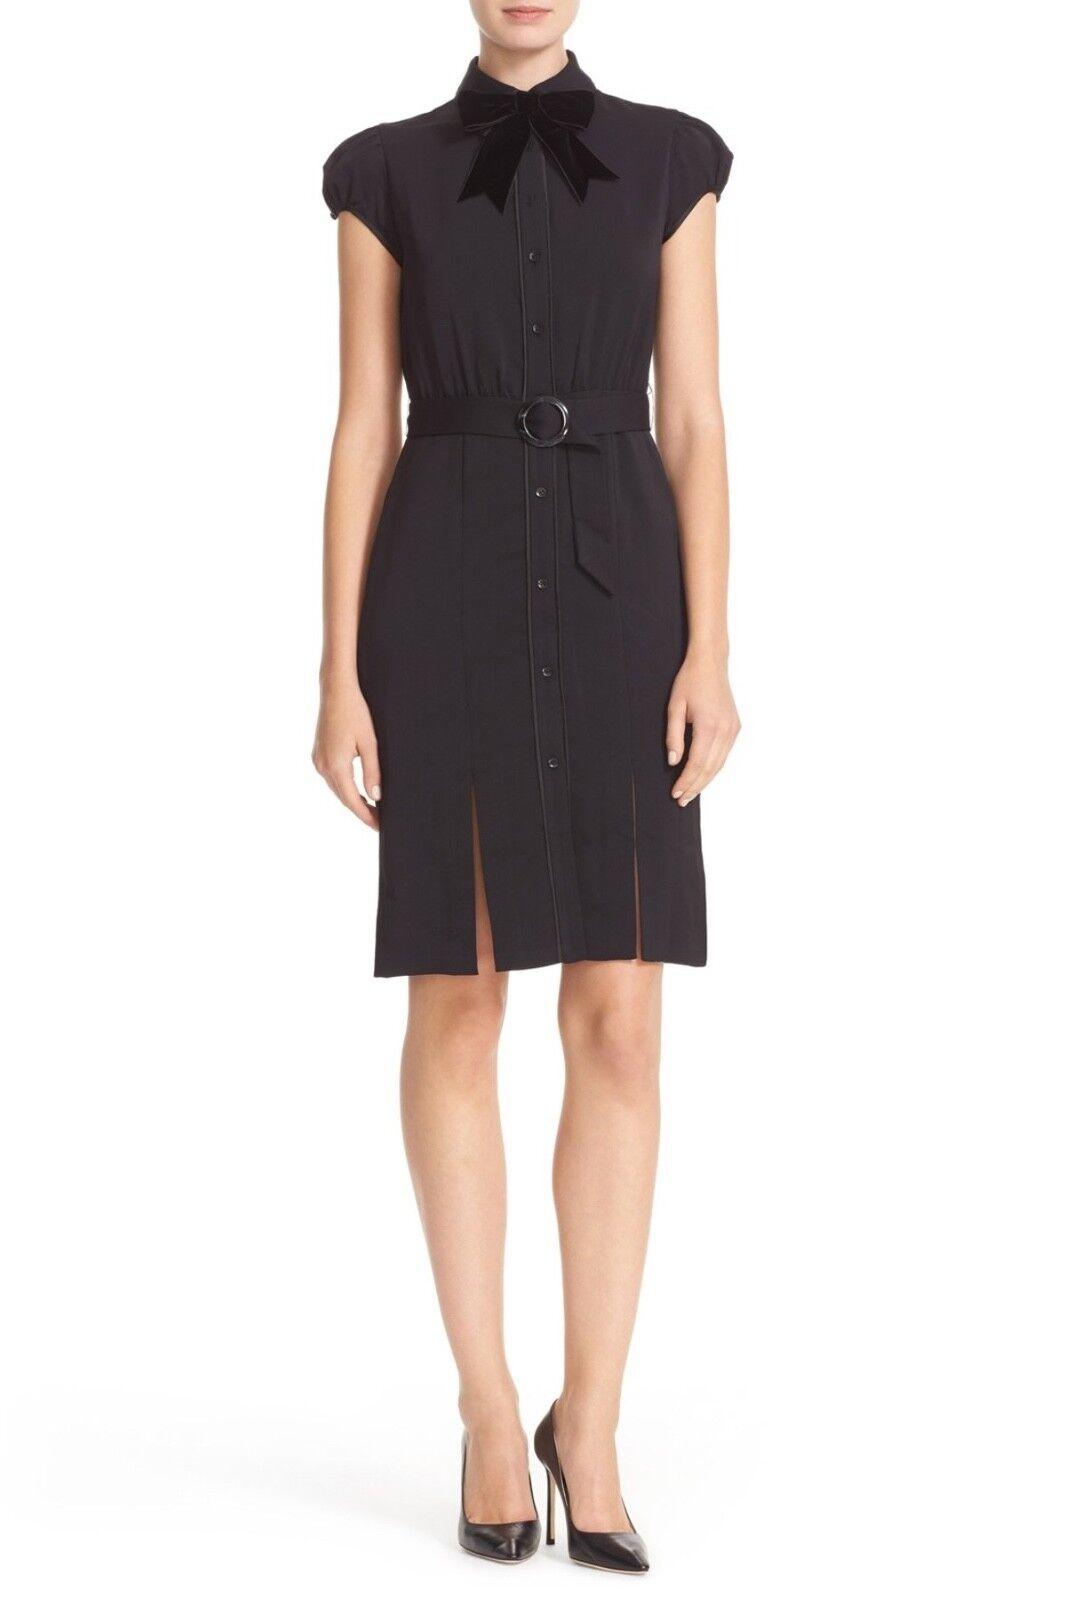 Nuevo Con Etiquetas  395 Alice  + Olivia Cocheies con cinturón Pajarita Entallado En Negro   oferta de tienda